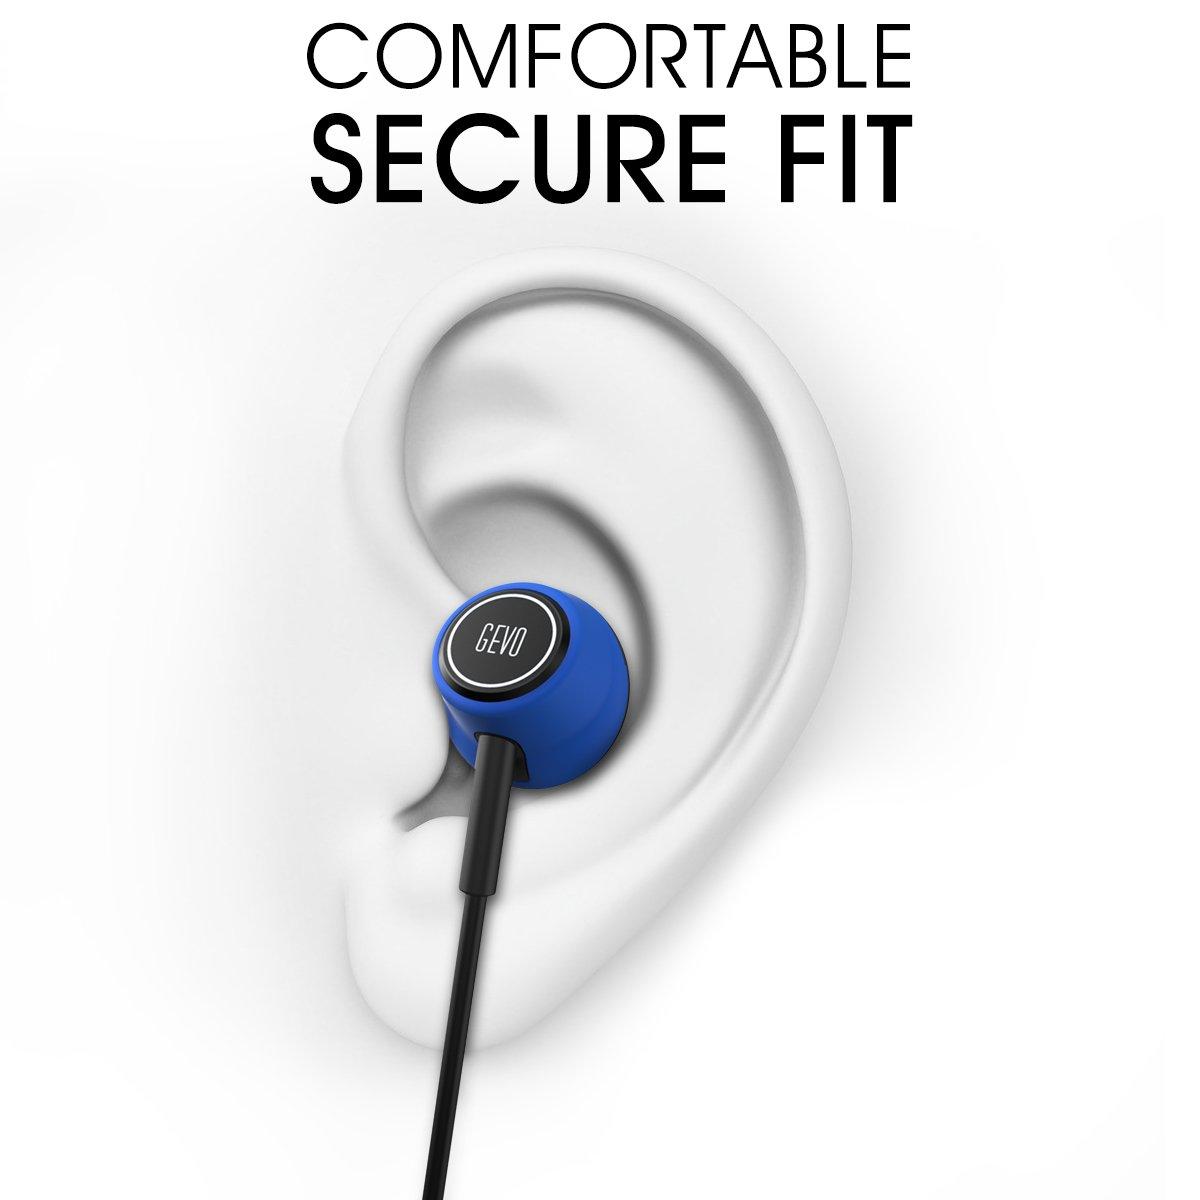 GEVO GV6 Ergo-fit estéreo Música auriculares in-ear con micrófono (Control en línea para IOS/Android, micrófono integrado, manos libres, auriculares de ...